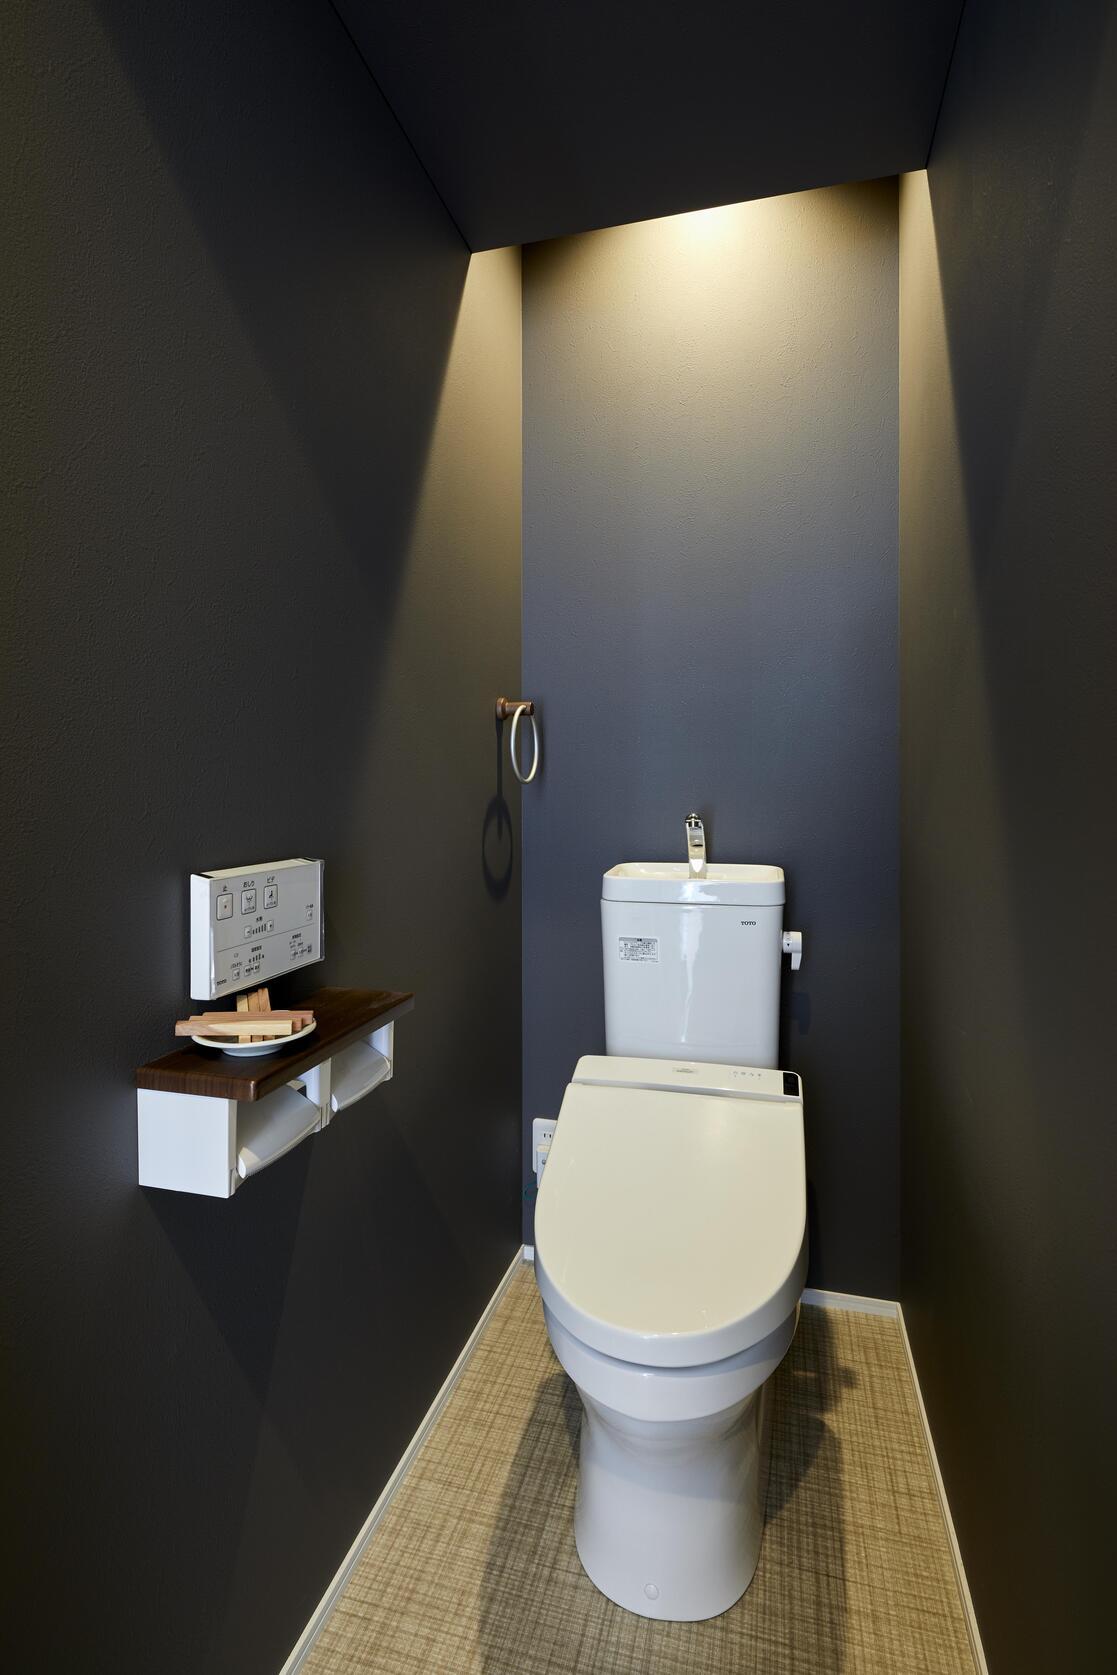 間接照明がかっこいいブラックを基調としたトイレ